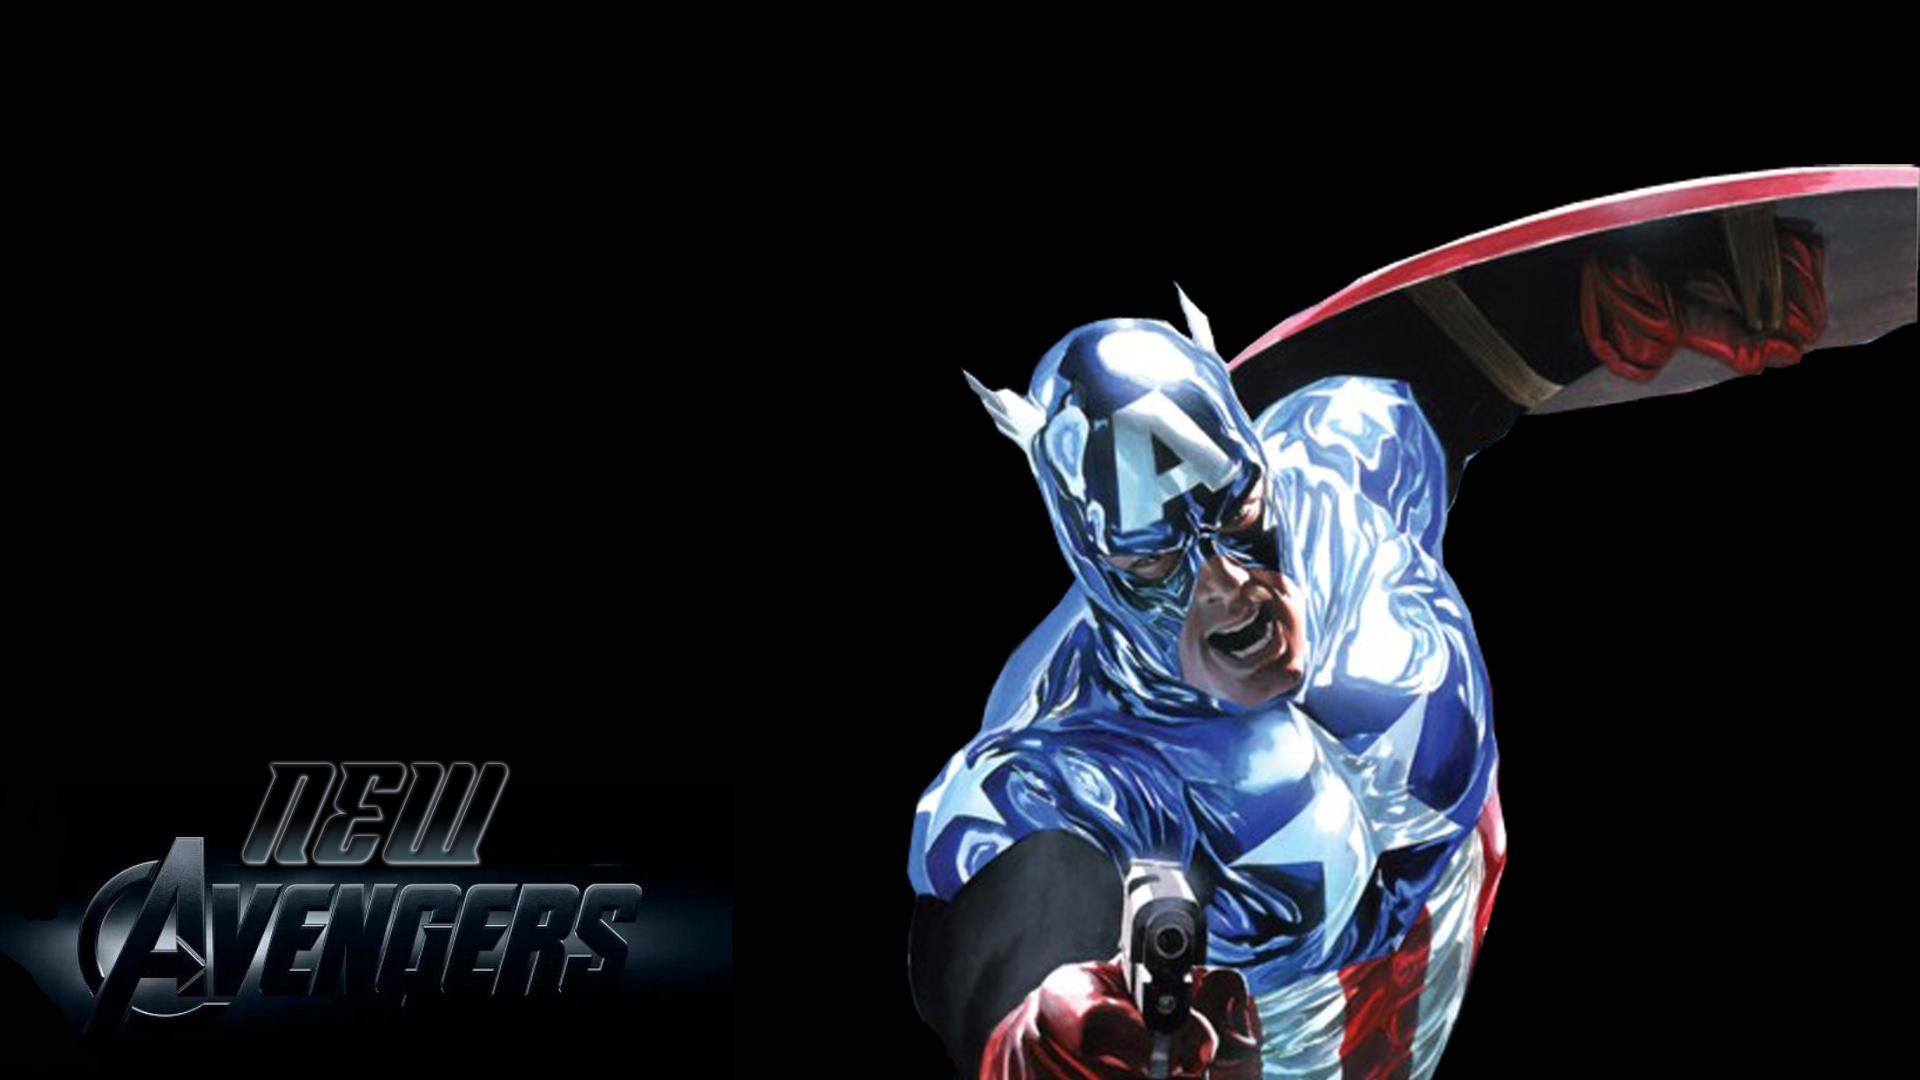 New Avengers Captain America Hd Wallpaper - Full Hd Avenger Wallpaper Hd - HD Wallpaper